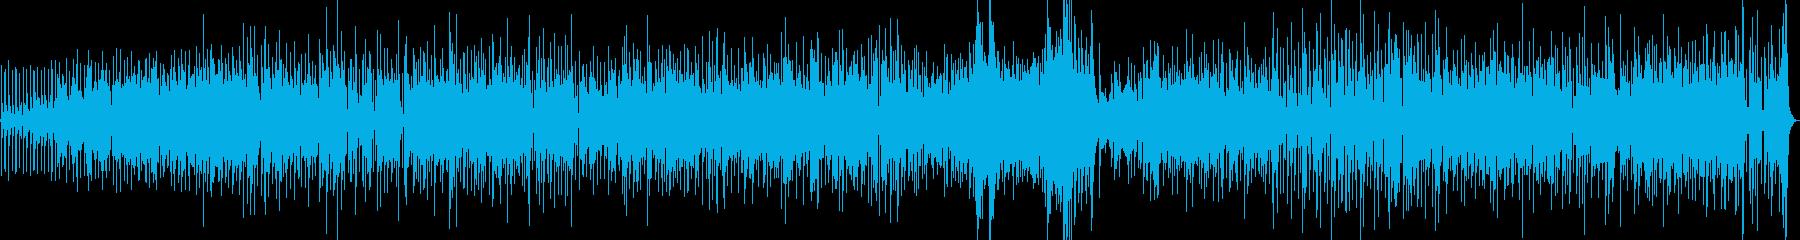 流れるようなジャズサンバのフィーリ...の再生済みの波形